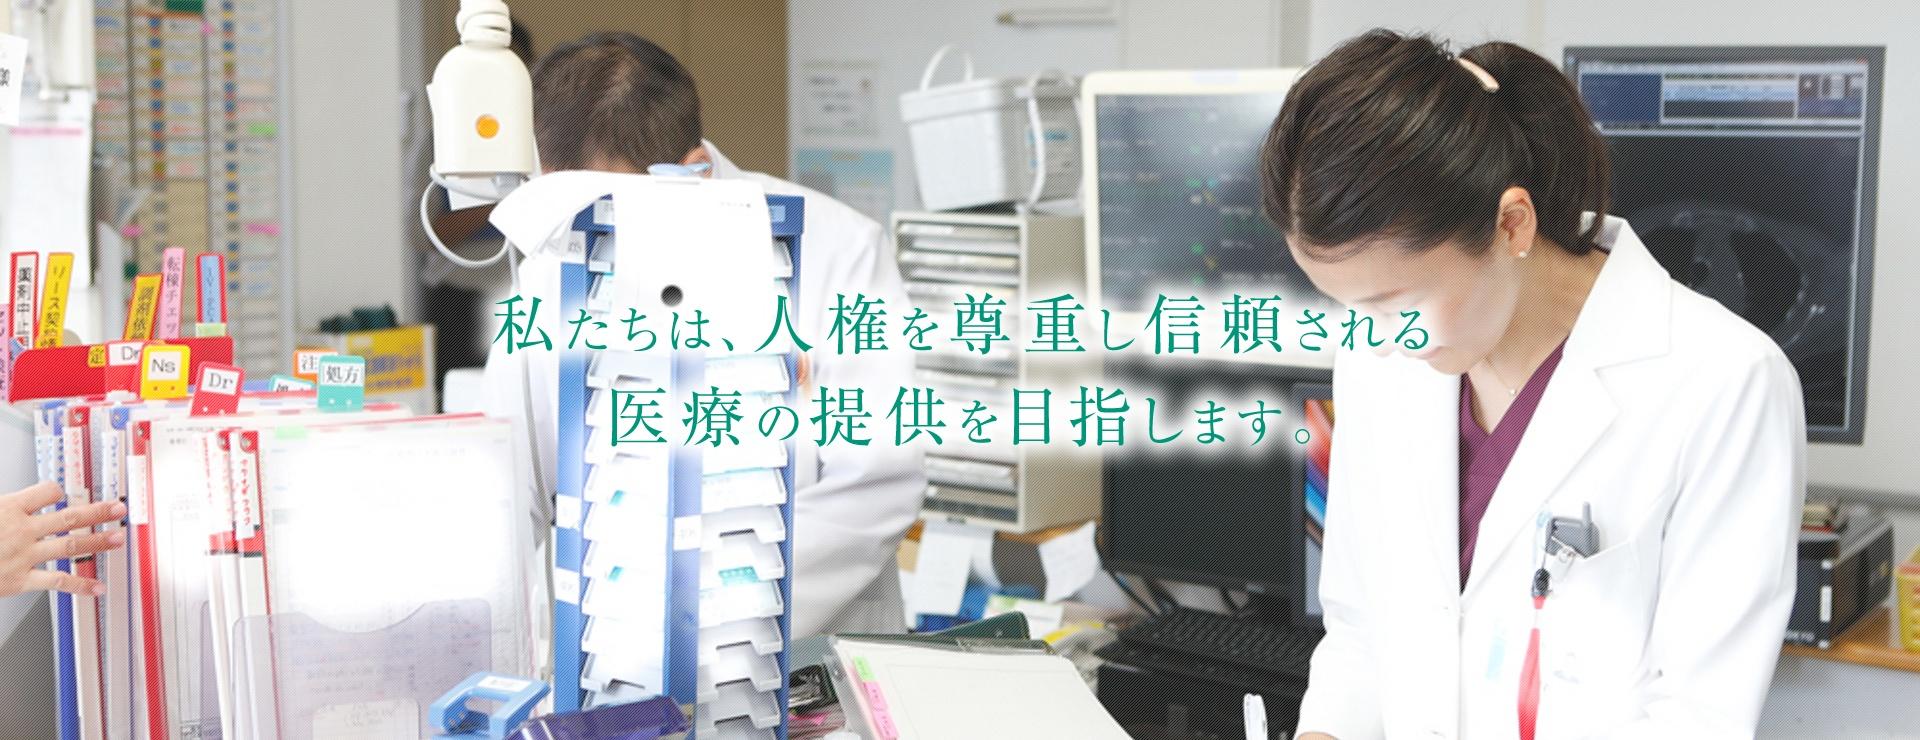 人権を尊重し信頼される医療の提供